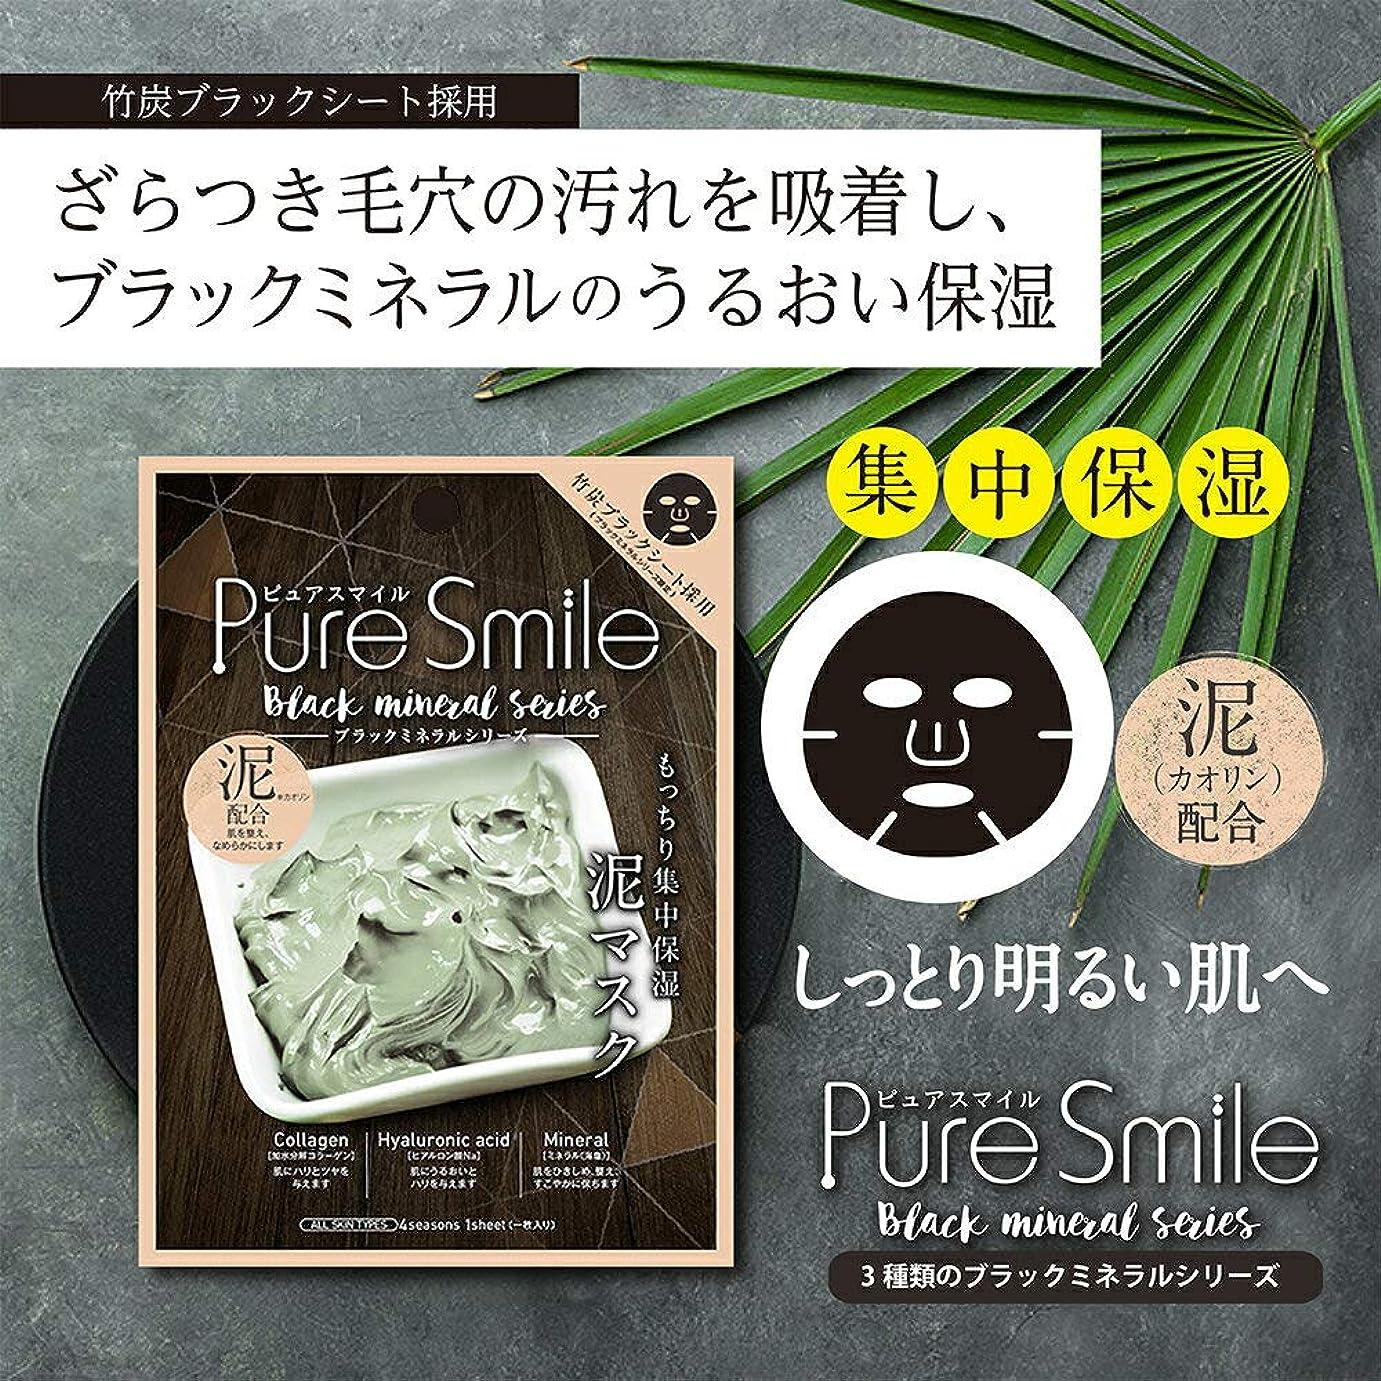 トラップ不可能なトーンPure Smile(ピュアスマイル) エッセンスマスク 『ブラックミネラルシリーズ』 (泥) フェイスマスク パック